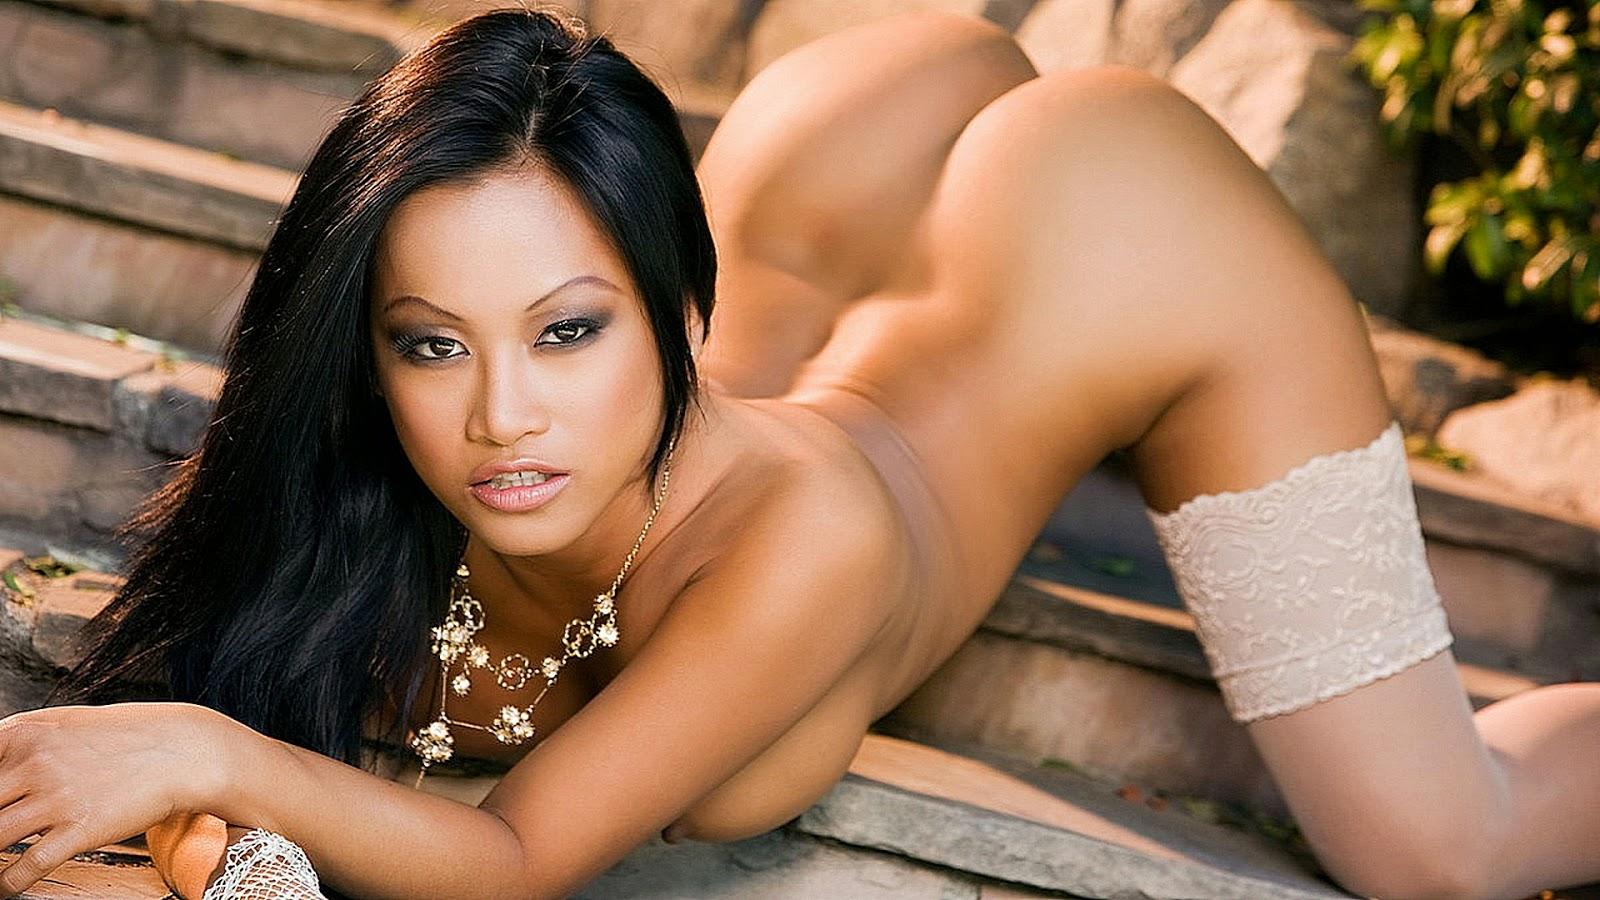 Топ 10 красивых порнозвёзд, 10 самых красивых порноактрис - фото 4 фотография